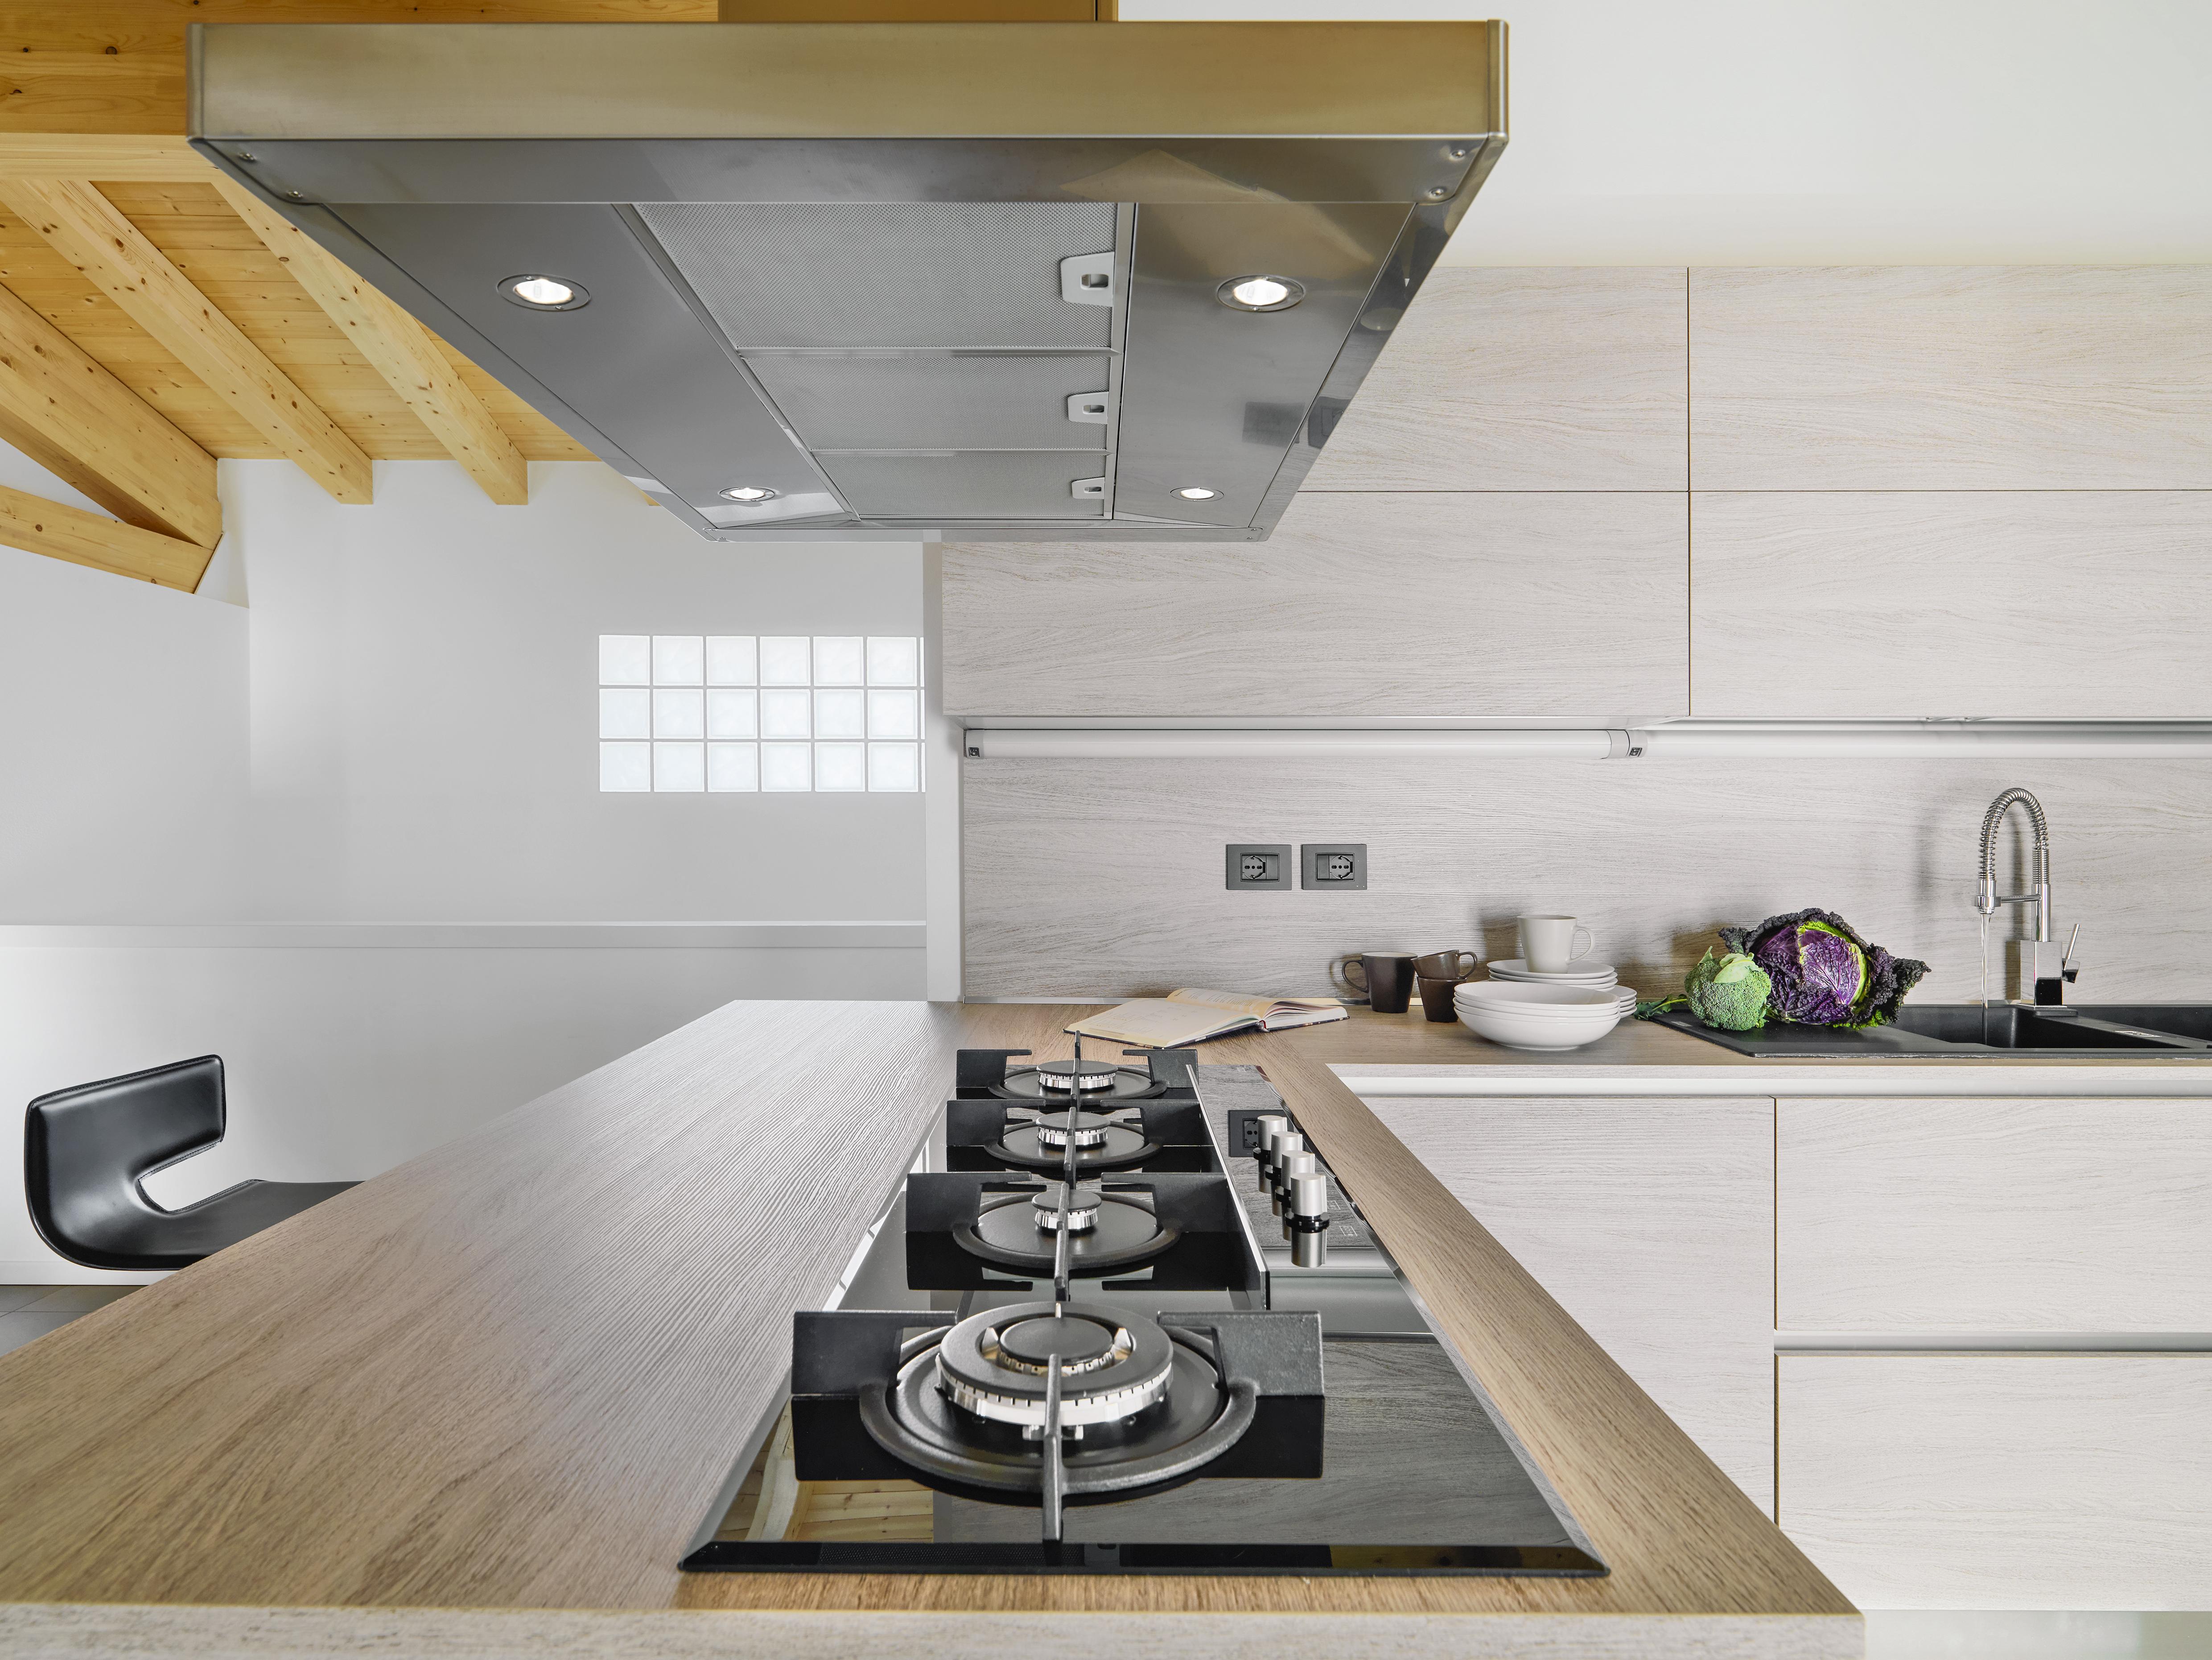 Installation d'une hotte aspirante pour sa cuisine